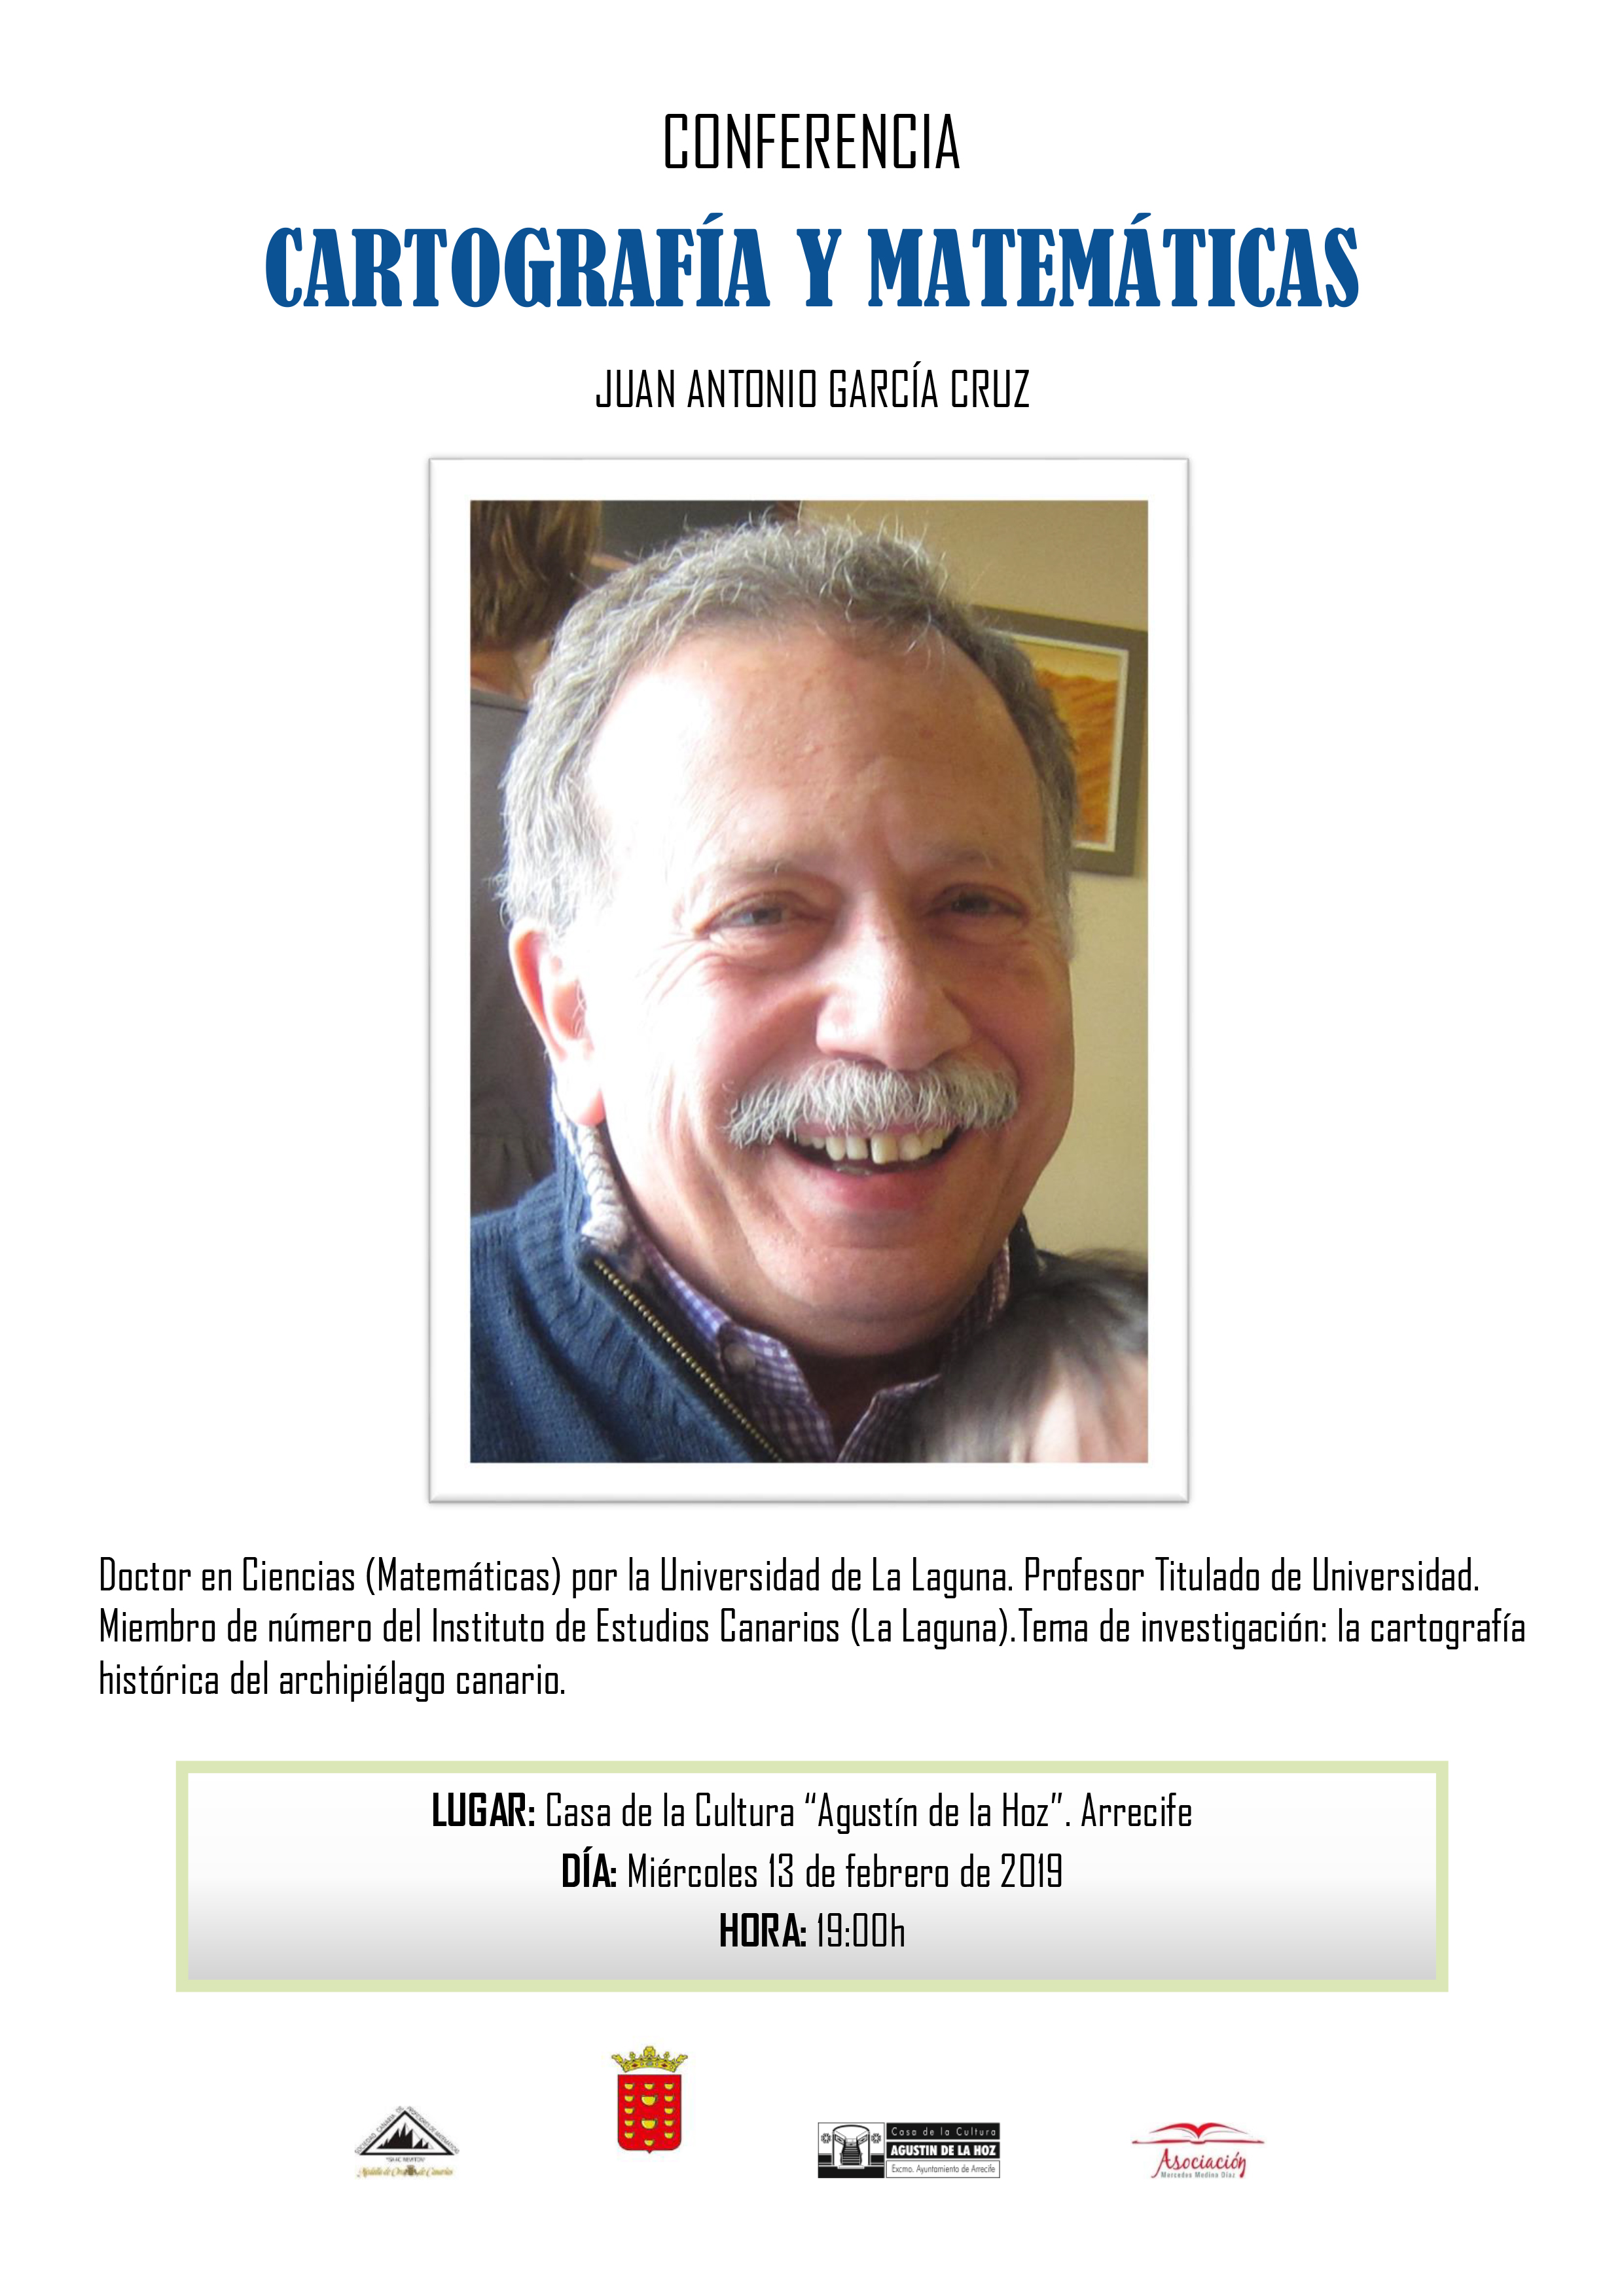 La Casa de la Cultura Agustín de la Hoz acoge mañana una conferencia sobre Cartografía y Matemáticas